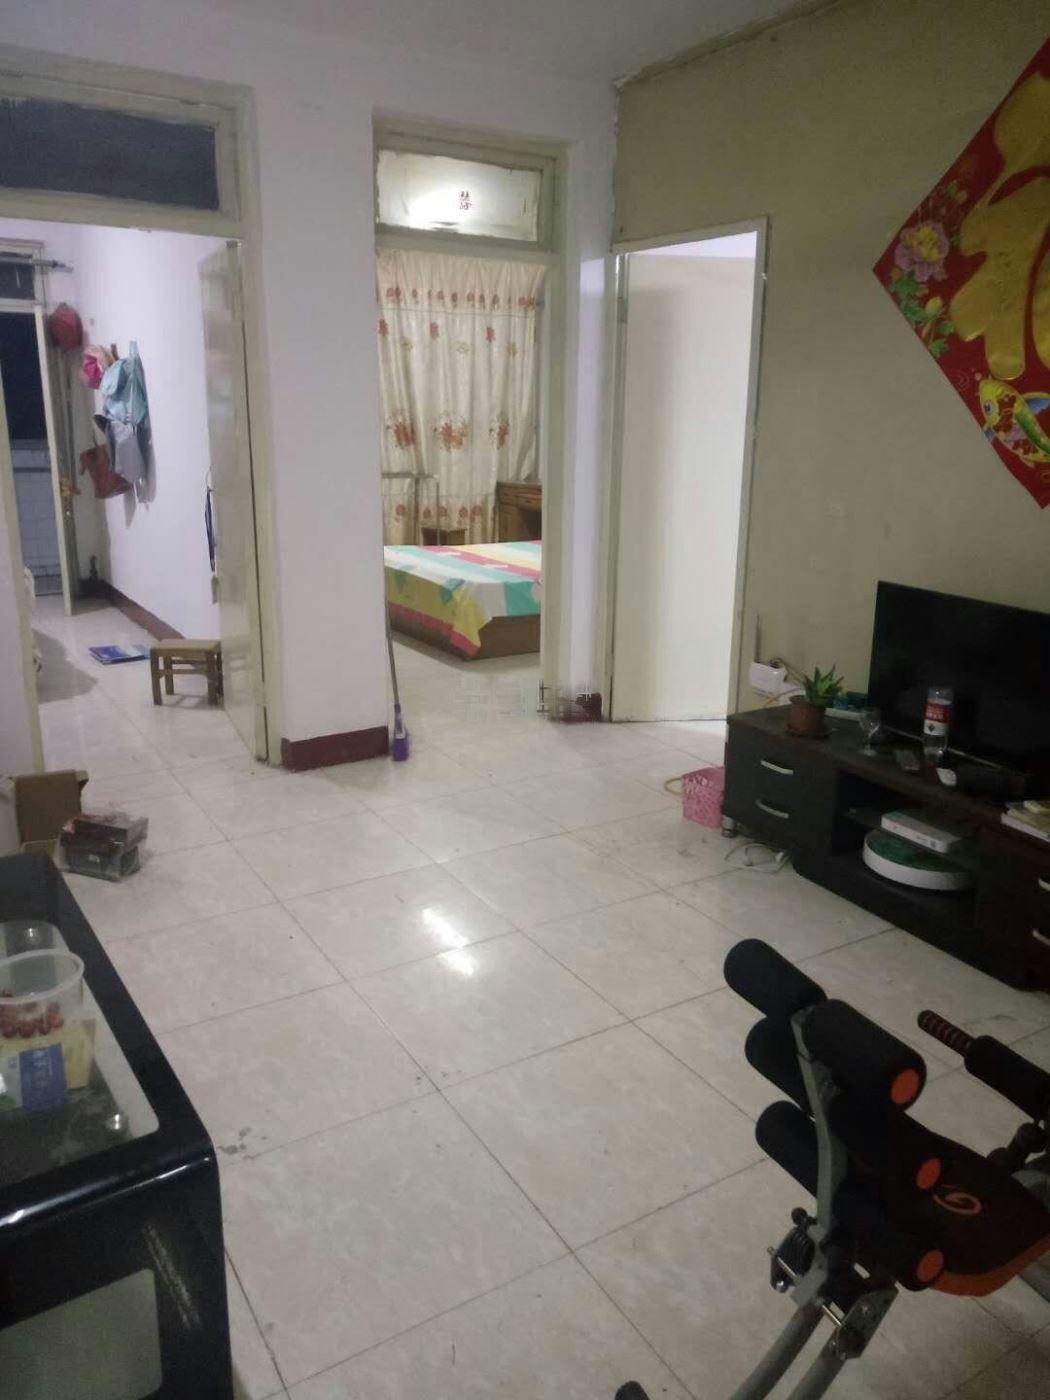 府河小区 3室2厅1卫府河小区